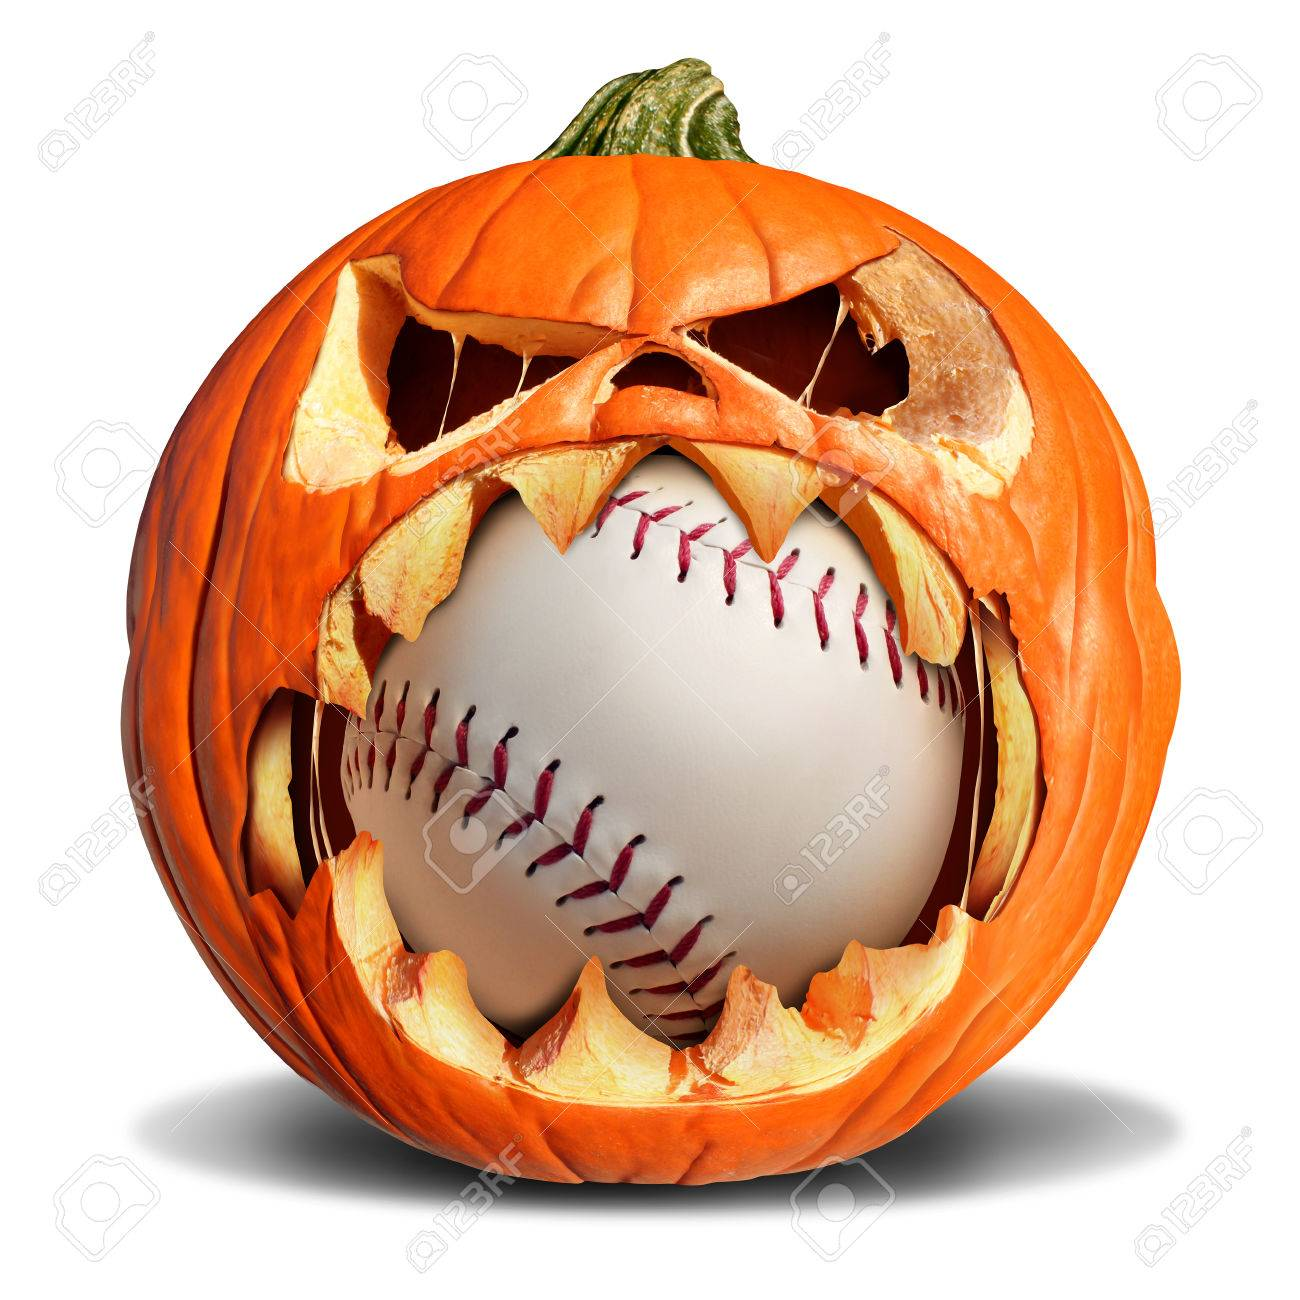 autumn baseball concept as a pumpkin jack o lantern biting into